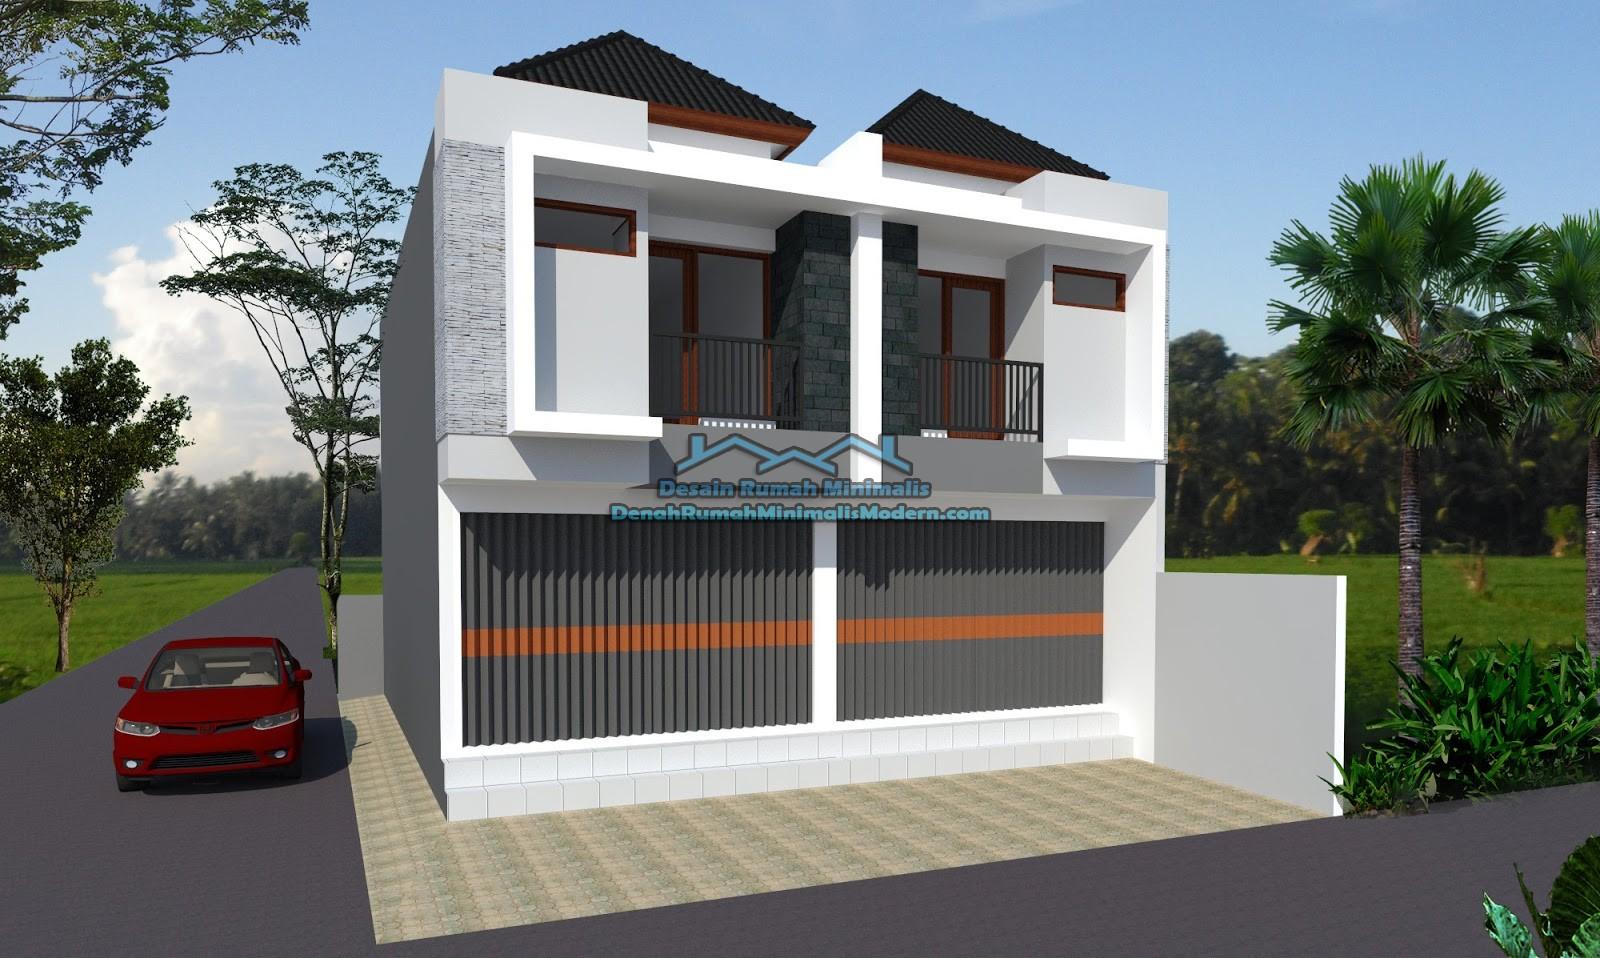 100 Denah Rumah Minimalis Plus Toko Gambar Desain Rumah Minimalis